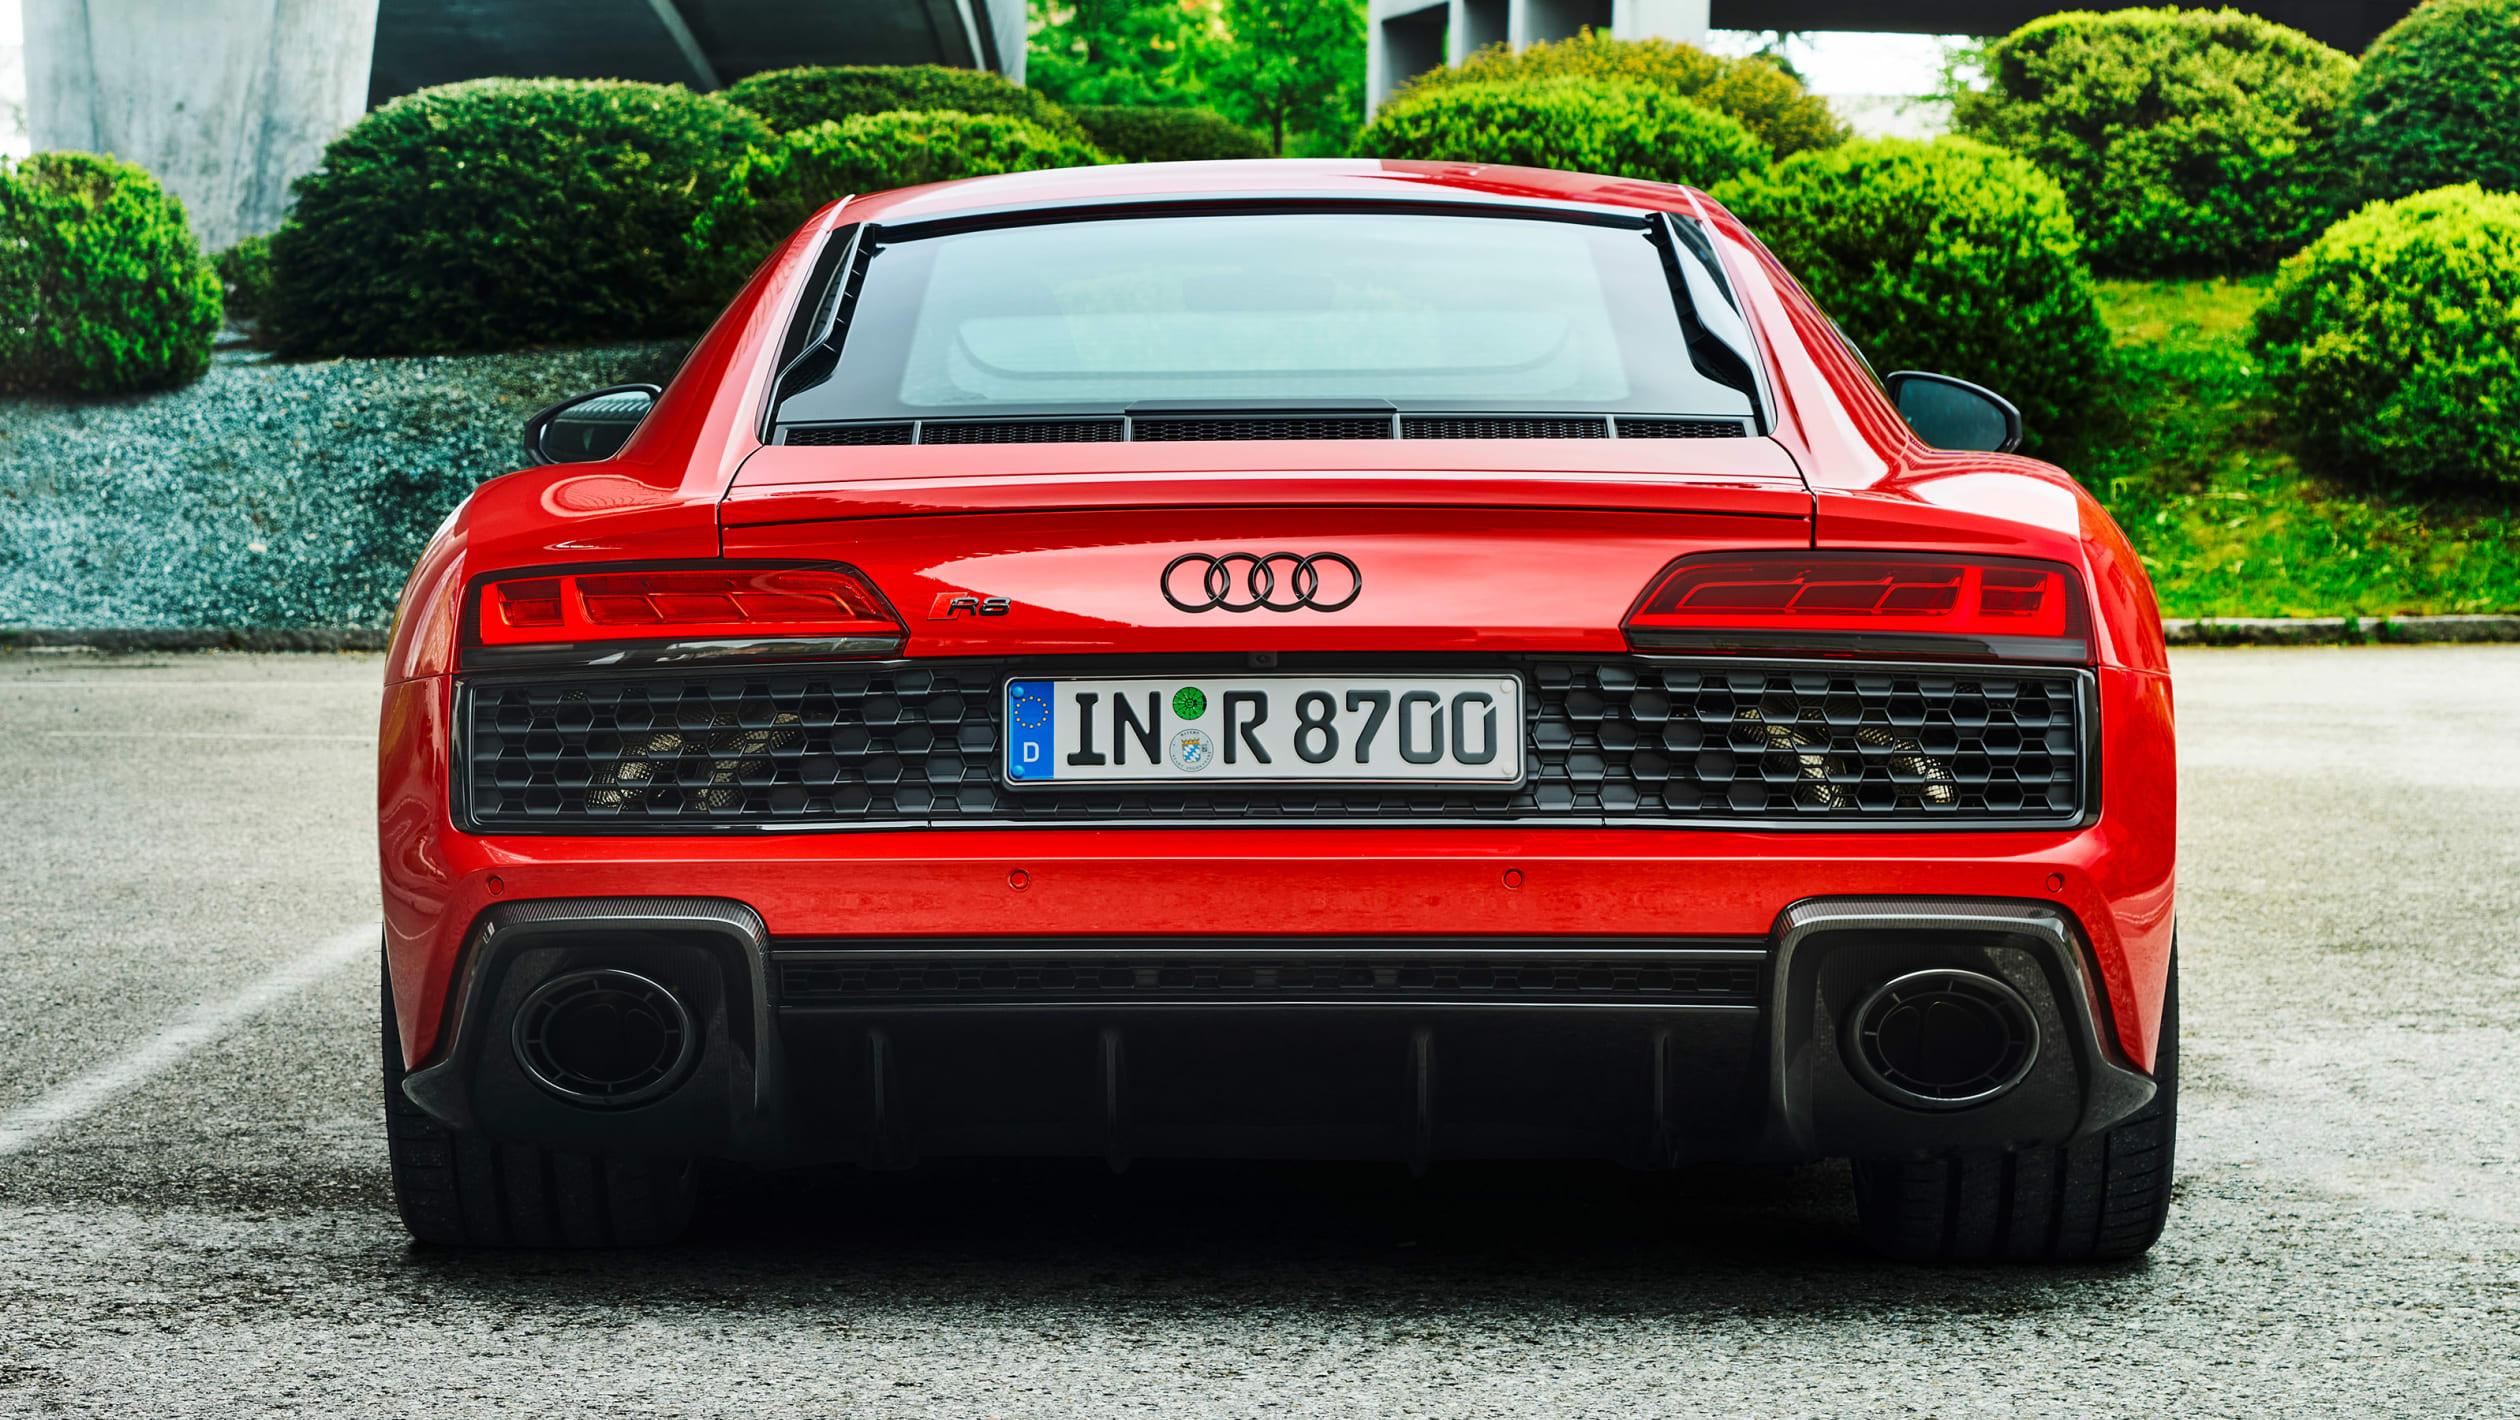 Модель RWD оснащена механическим дифференциалом повышенного трения, в то время как переход на установку только с задним приводом также означает, что автомобиль имеет перенастроенную систему ESC. Например, в спортивном режиме вождения система контроля